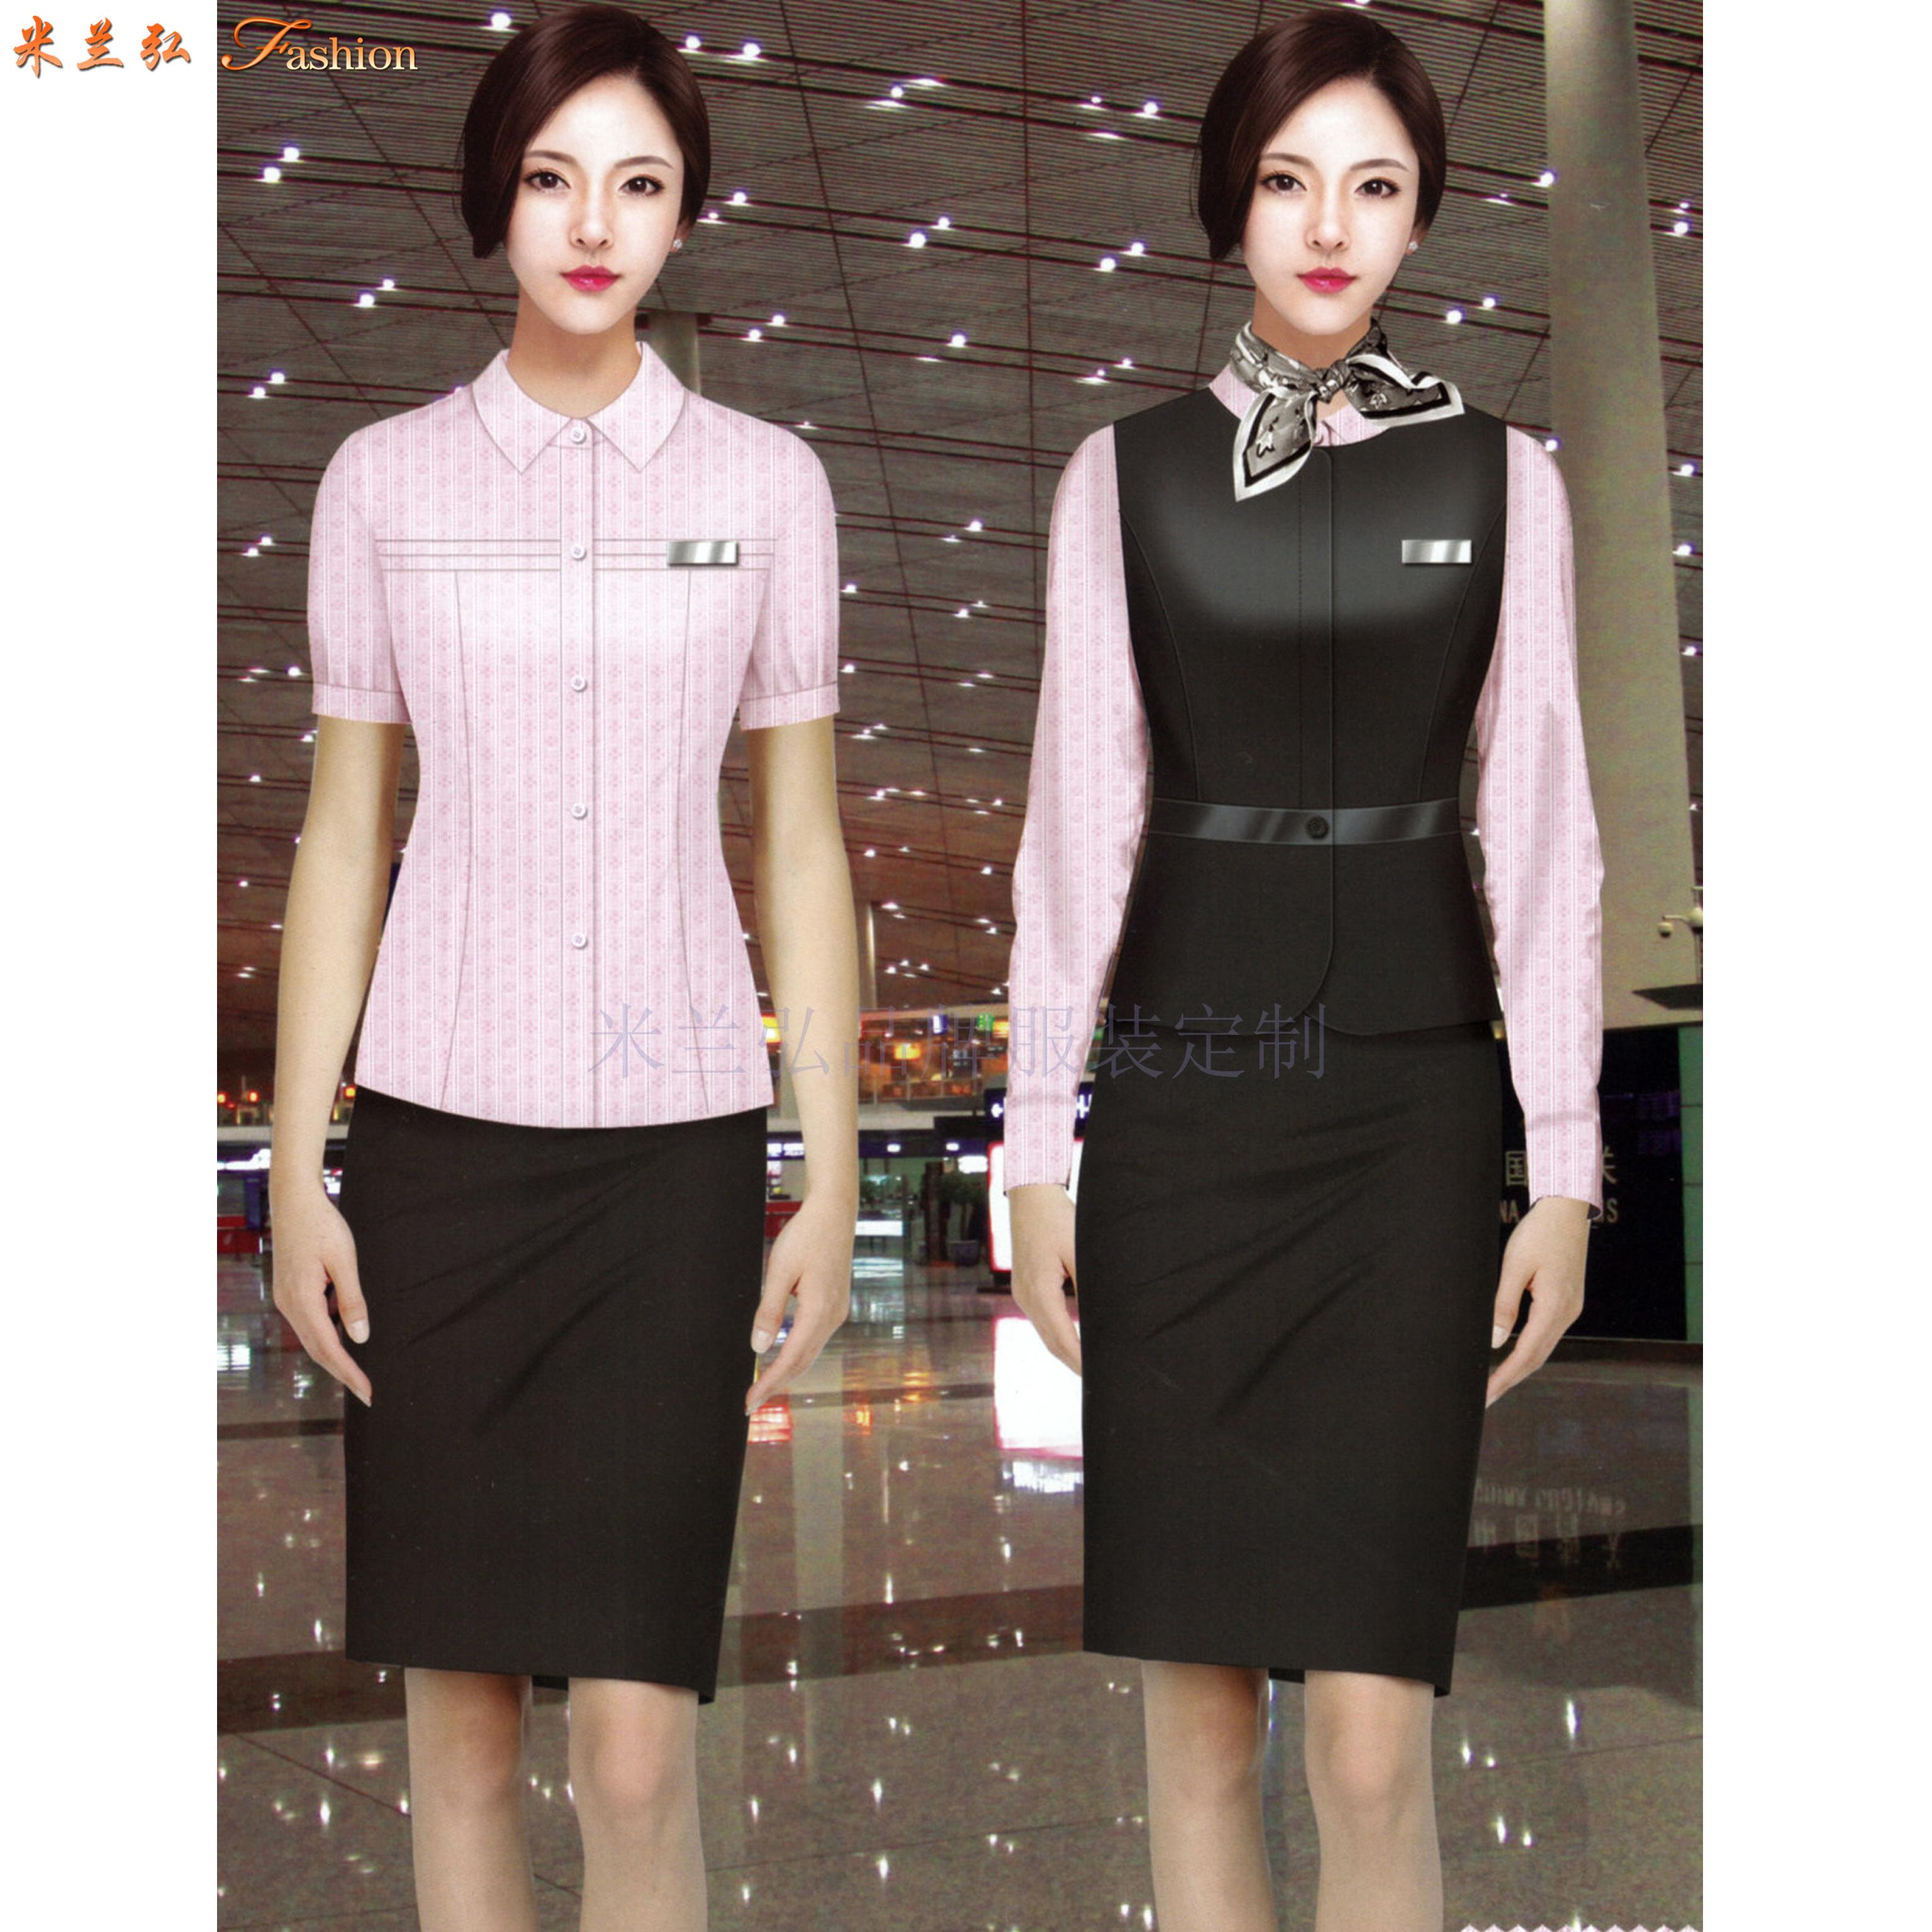 「地鐵職業裝」北京地鐵職業裝定做誠信可靠公司-米蘭弘服裝-3